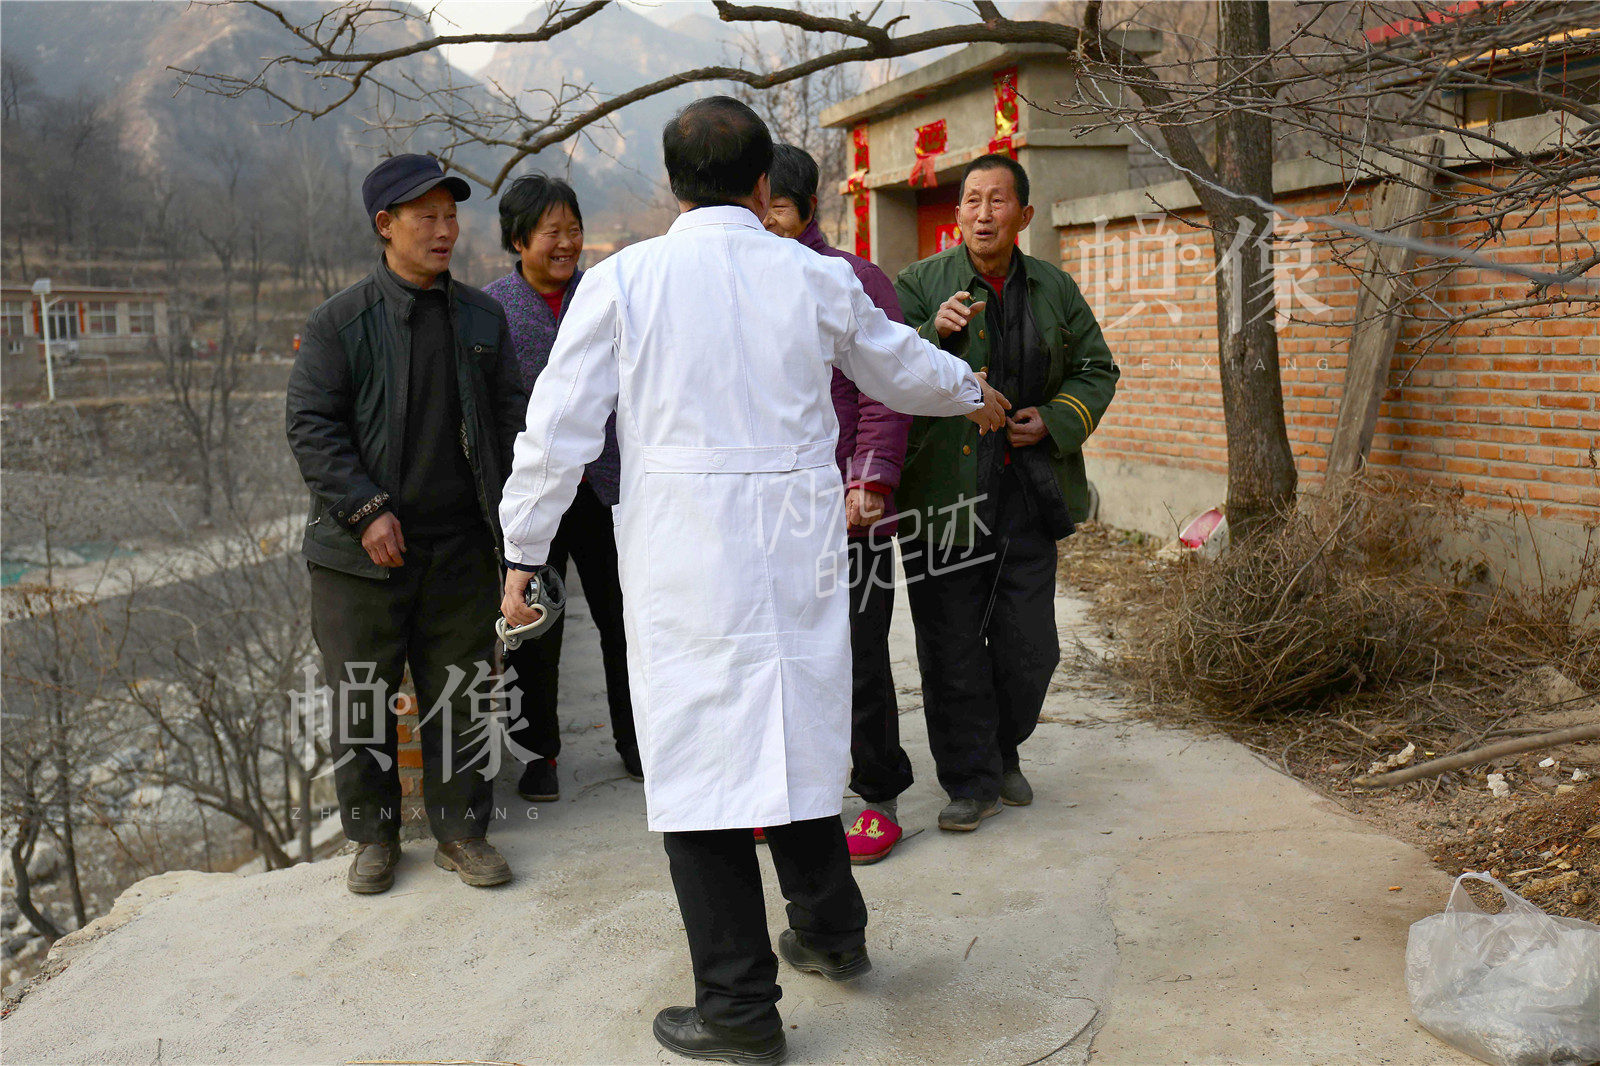 王金海为周景荣和老伴儿沙树同检查后,周景荣和邻居执意送王金海出门。中国网记者 黄富友 摄